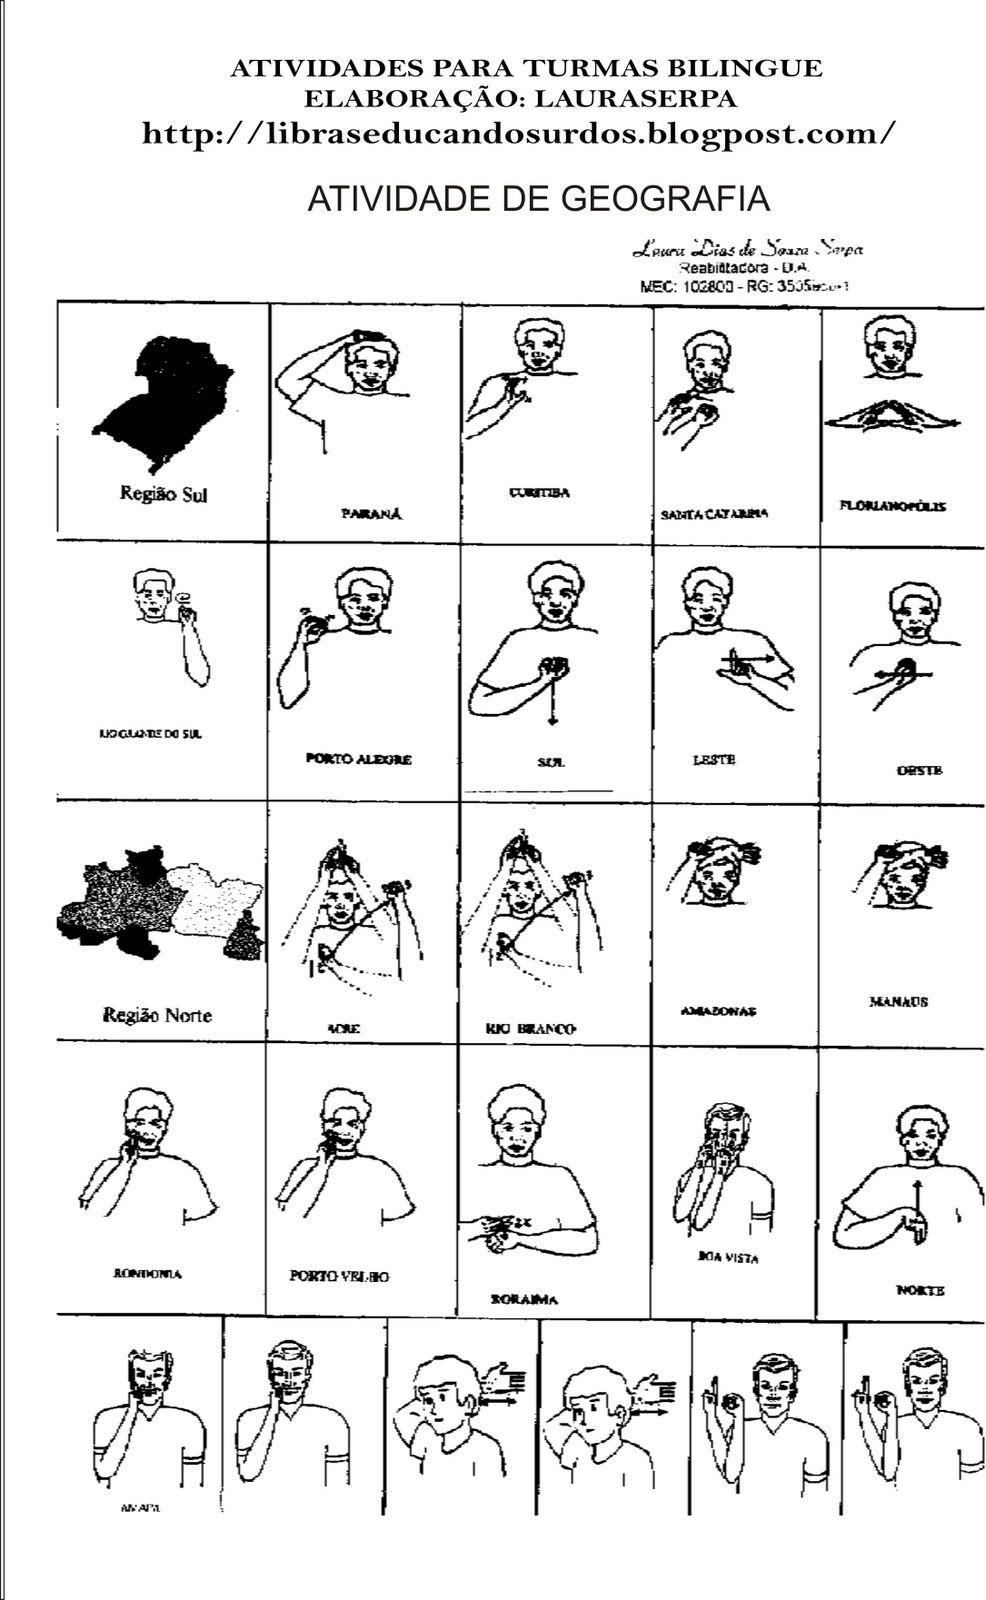 Favoritos LIBRAS: Educandos Surdos: Sinais dos Estados Brasileiros | LIBRAS  UJ09